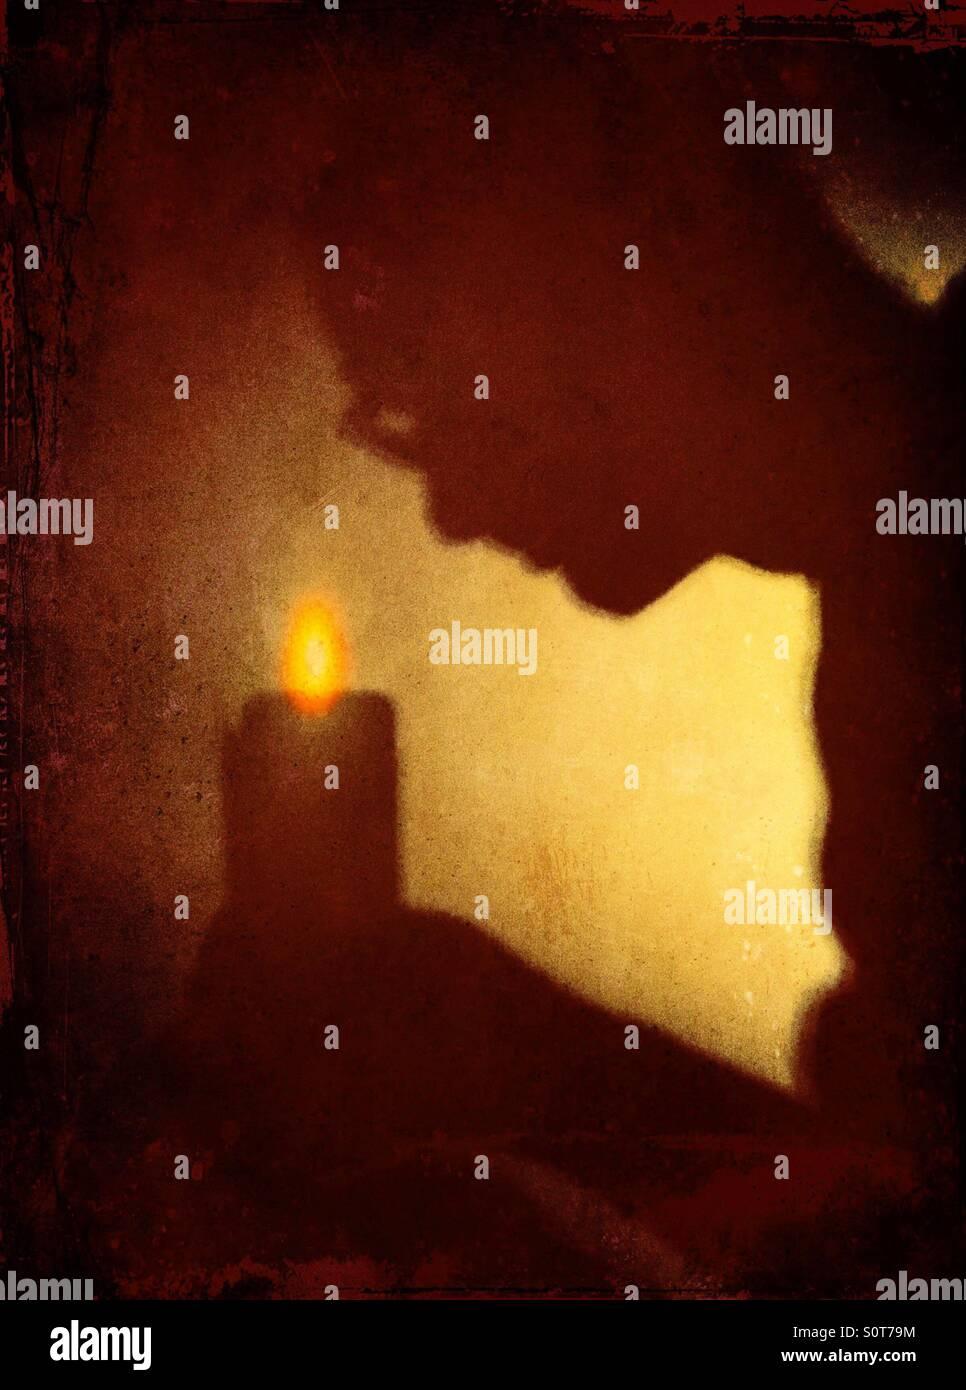 Sombra del hombre encorvado vela Imagen De Stock